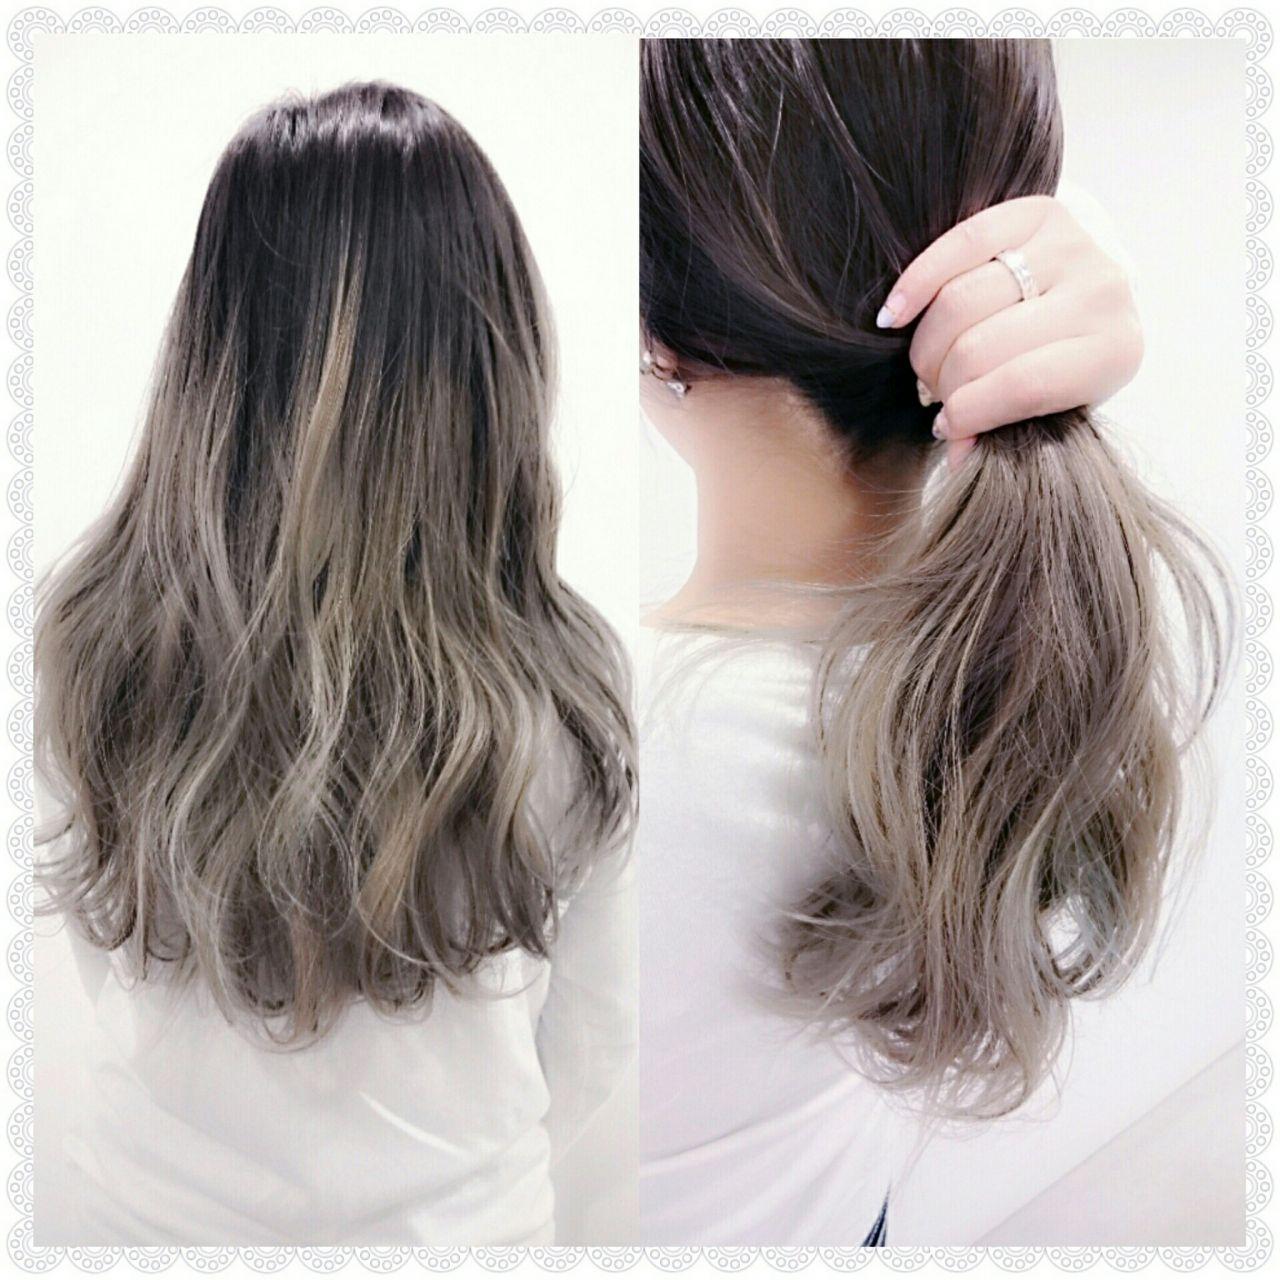 HAIRで人気のスナップをPickup!誰もが憧れるグラデーションカラー。